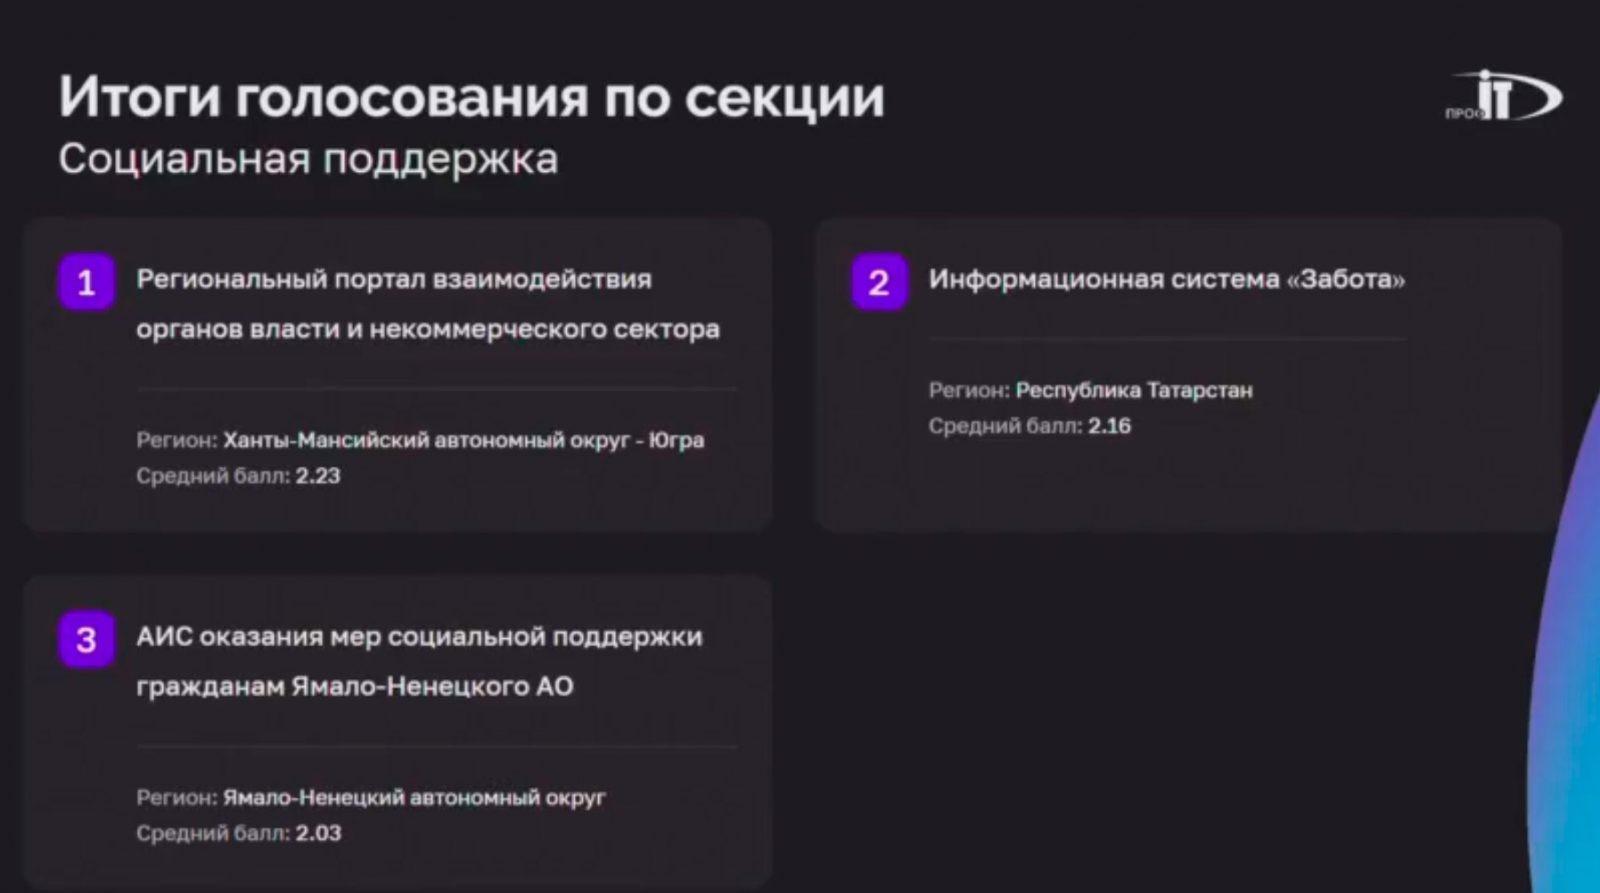 Первое место в номинации «Социальная поддержка» конкурса IT-проектов форума «ПРОФ-IT.2021» занял Ханты-Мансийский автономный округ – Югра